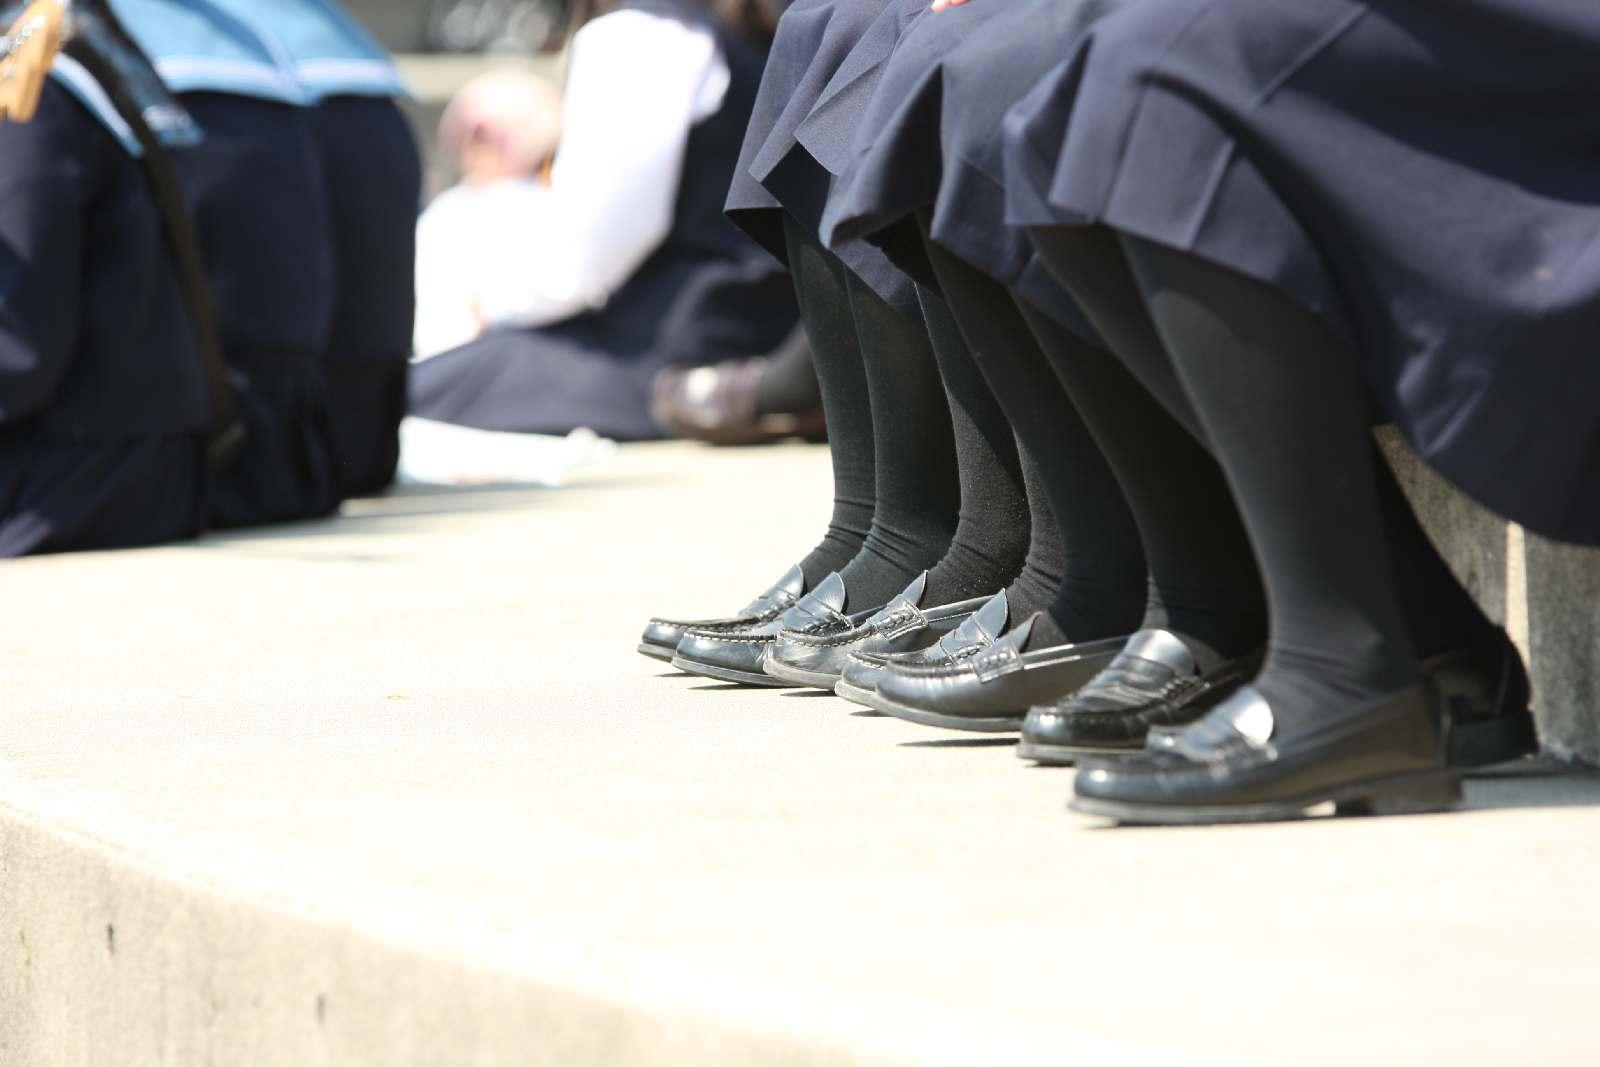 季節の変わり目にJKの制服姿が変化する街撮り画像wwwwwww CvhbIOe